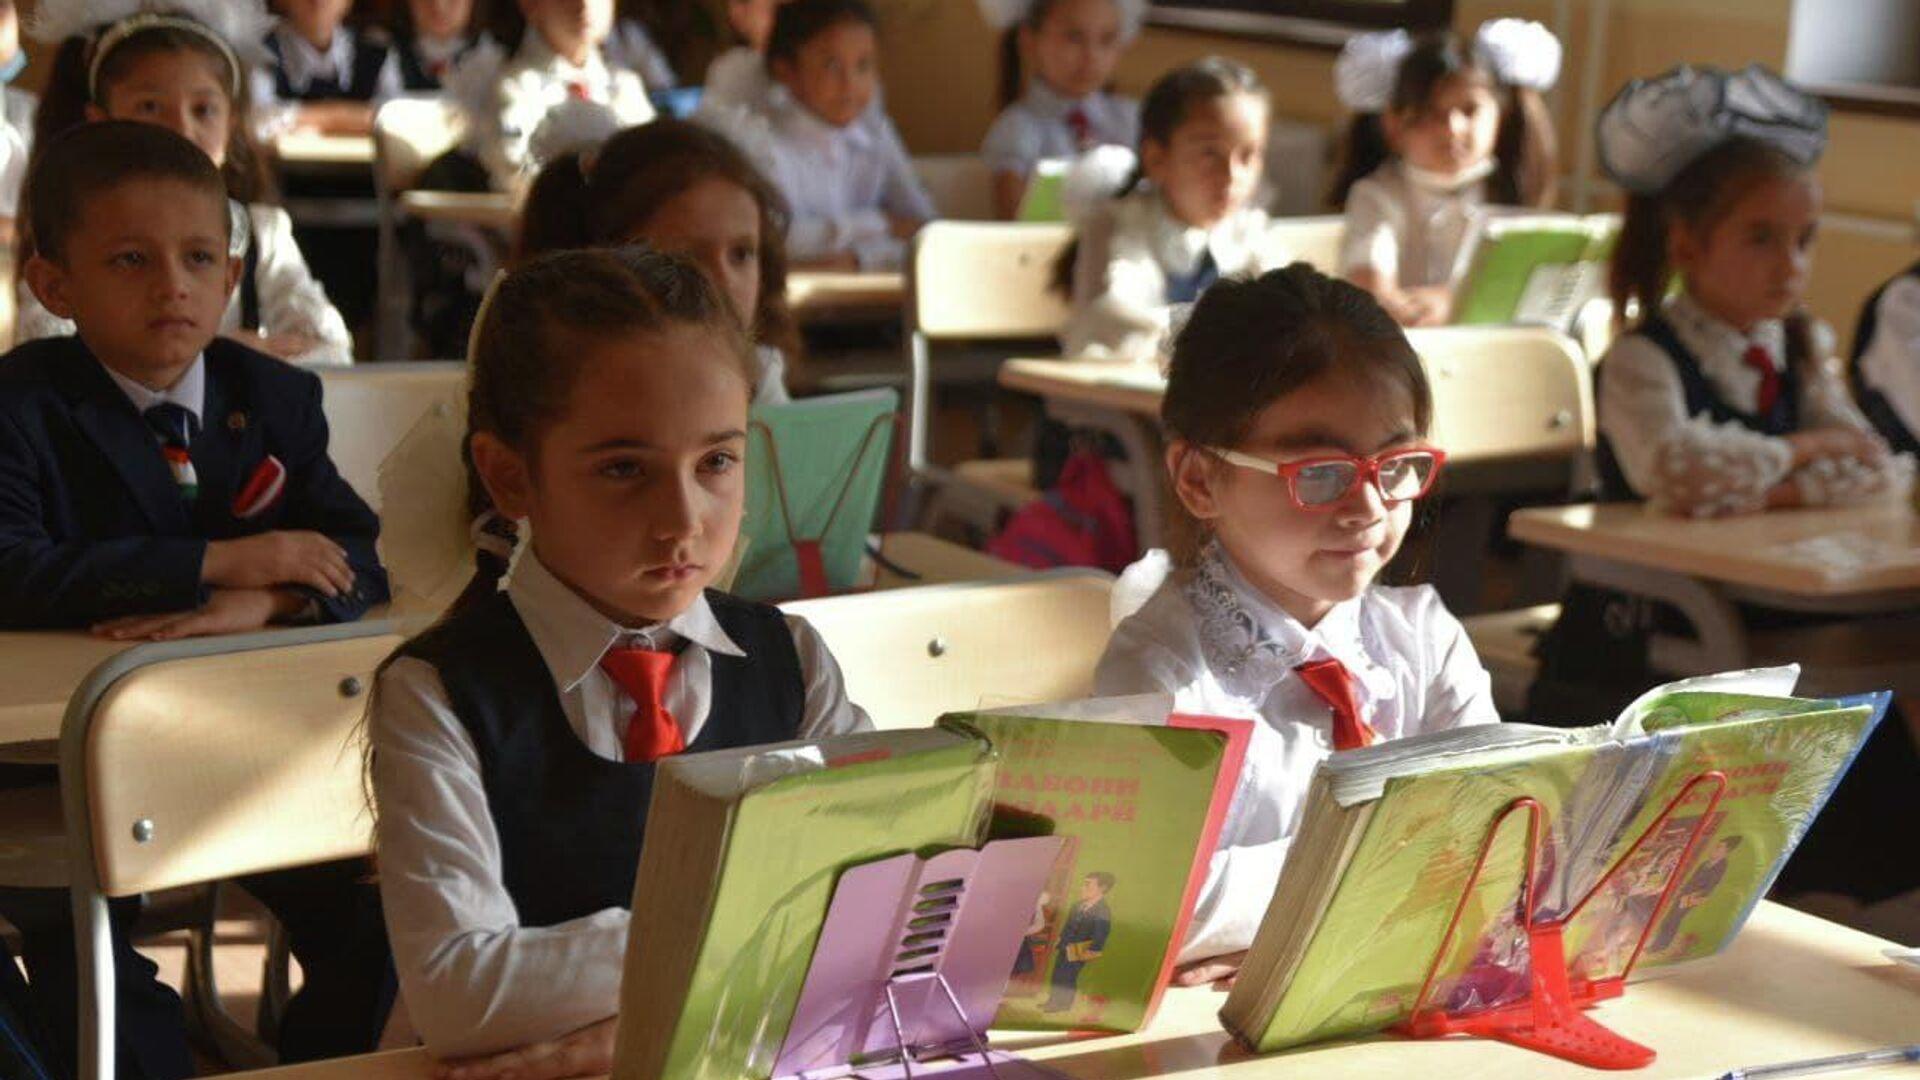 В Душанбе в честь 1 сентября открыта новая школа - Sputnik Таджикистан, 1920, 01.09.2021